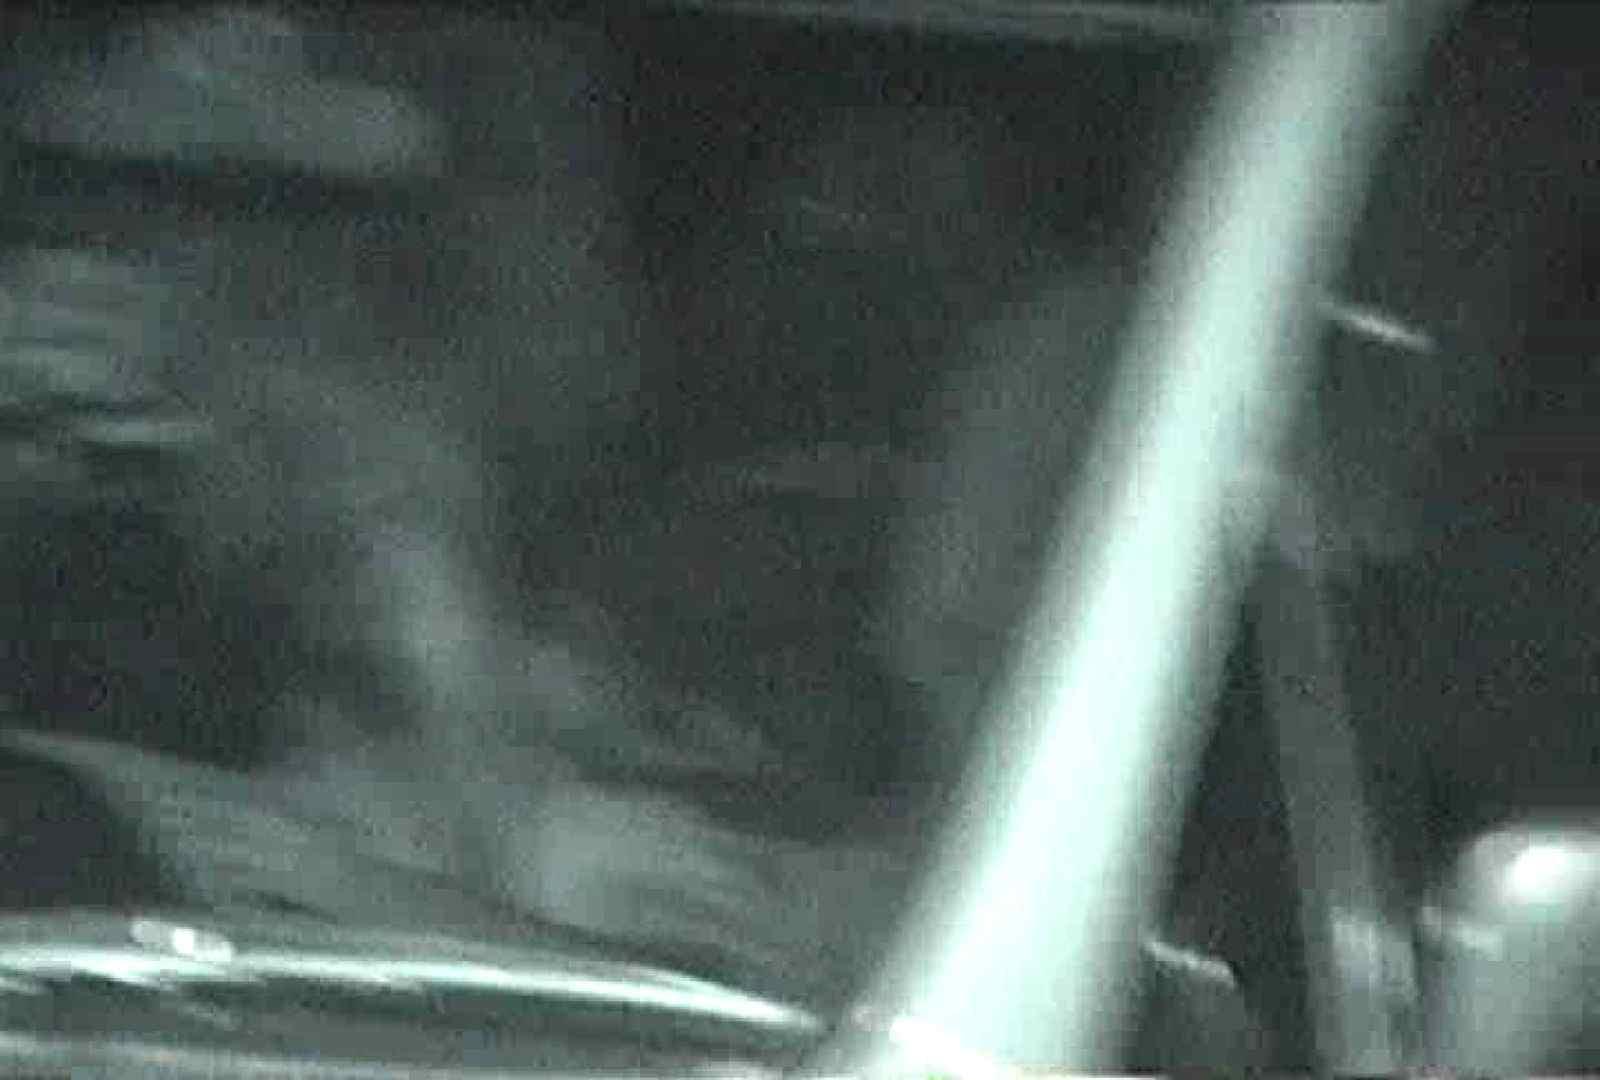 充血監督の深夜の運動会Vol.87 マンコ・ムレムレ | 美しいOLの裸体  83pic 55